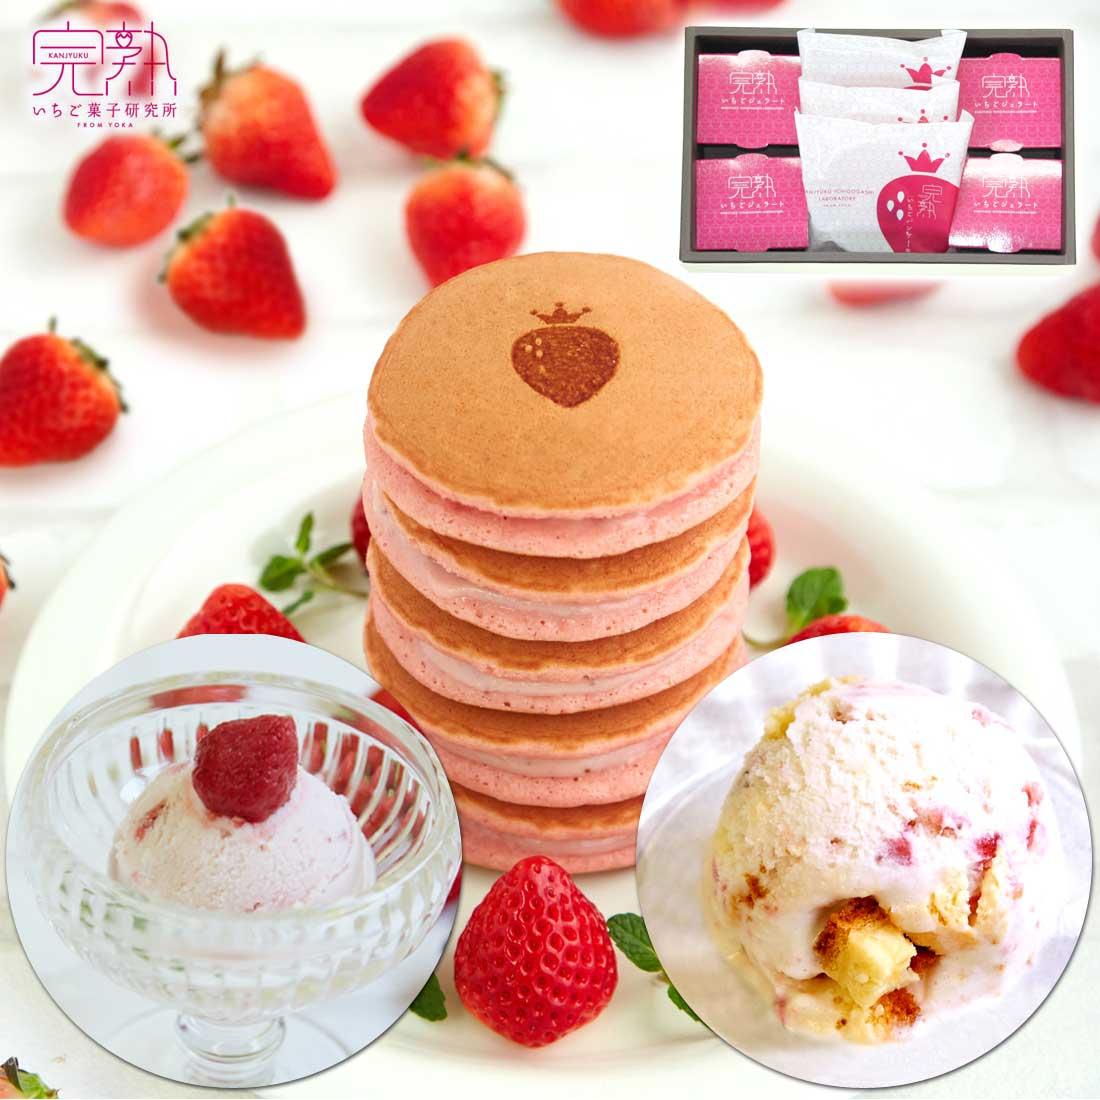 送料無料完熟いちご菓子研究所パンケーキ3個・ジェラート4個セットA詰め合わせ苺づくしいちごミルクアイ